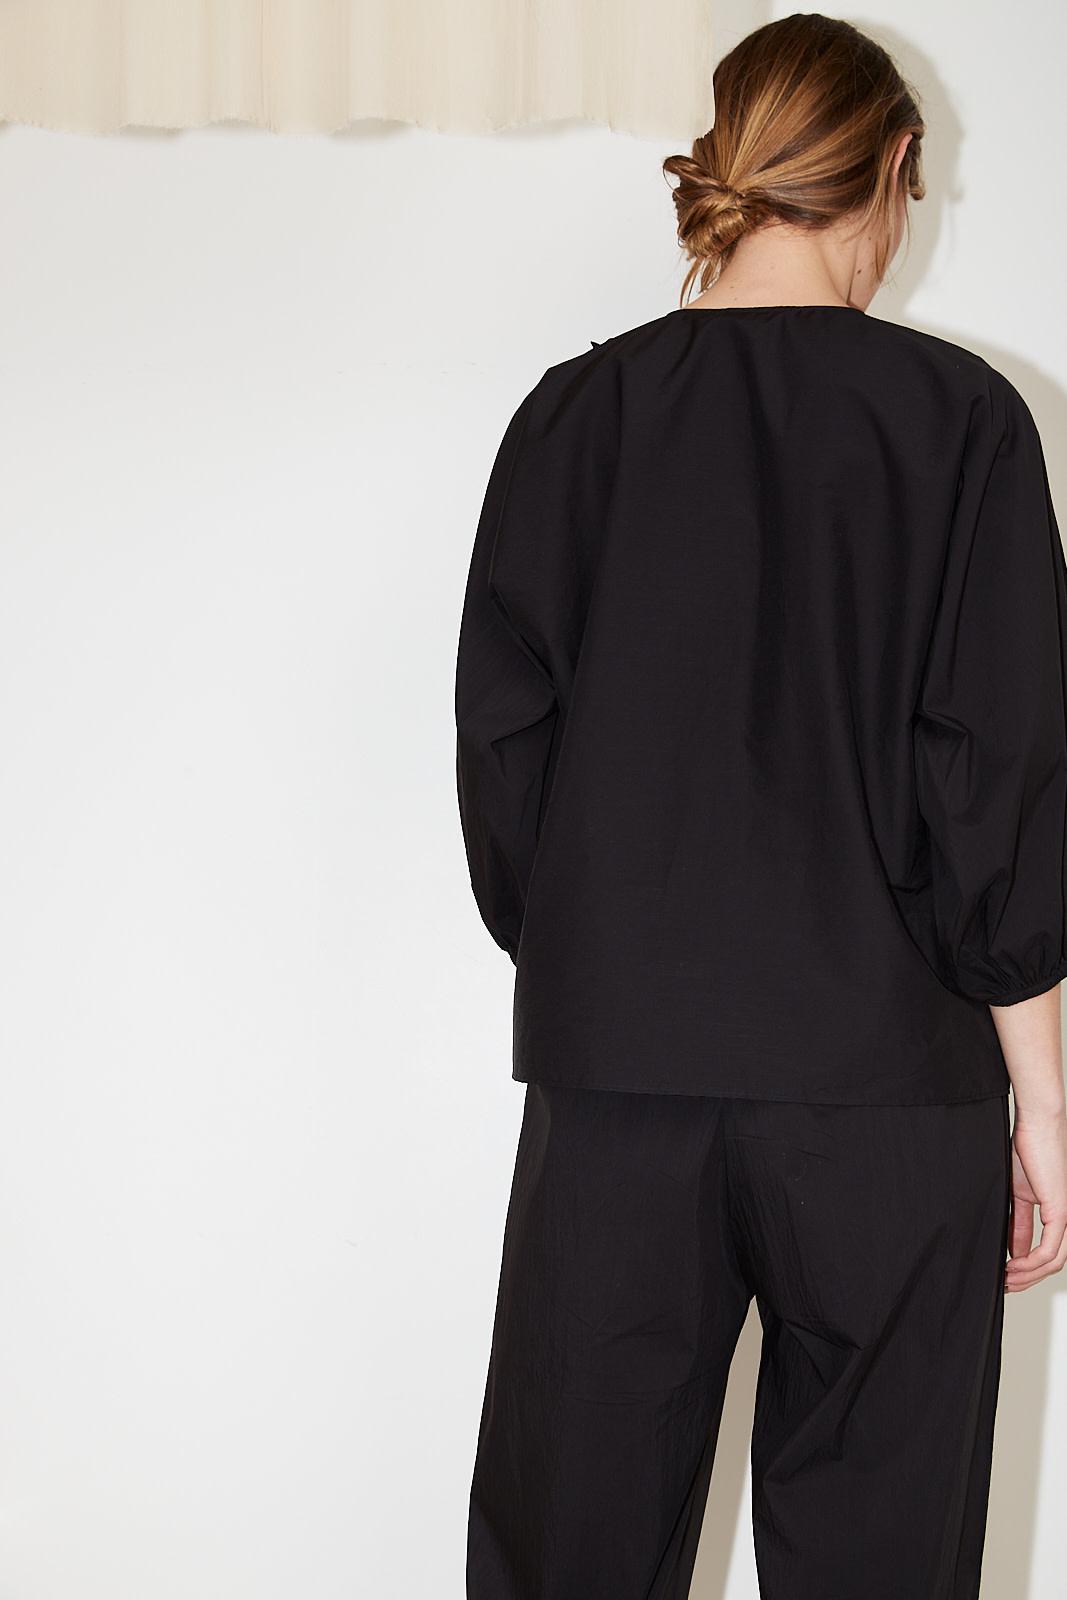 Aeron - Mimi cotton blend top